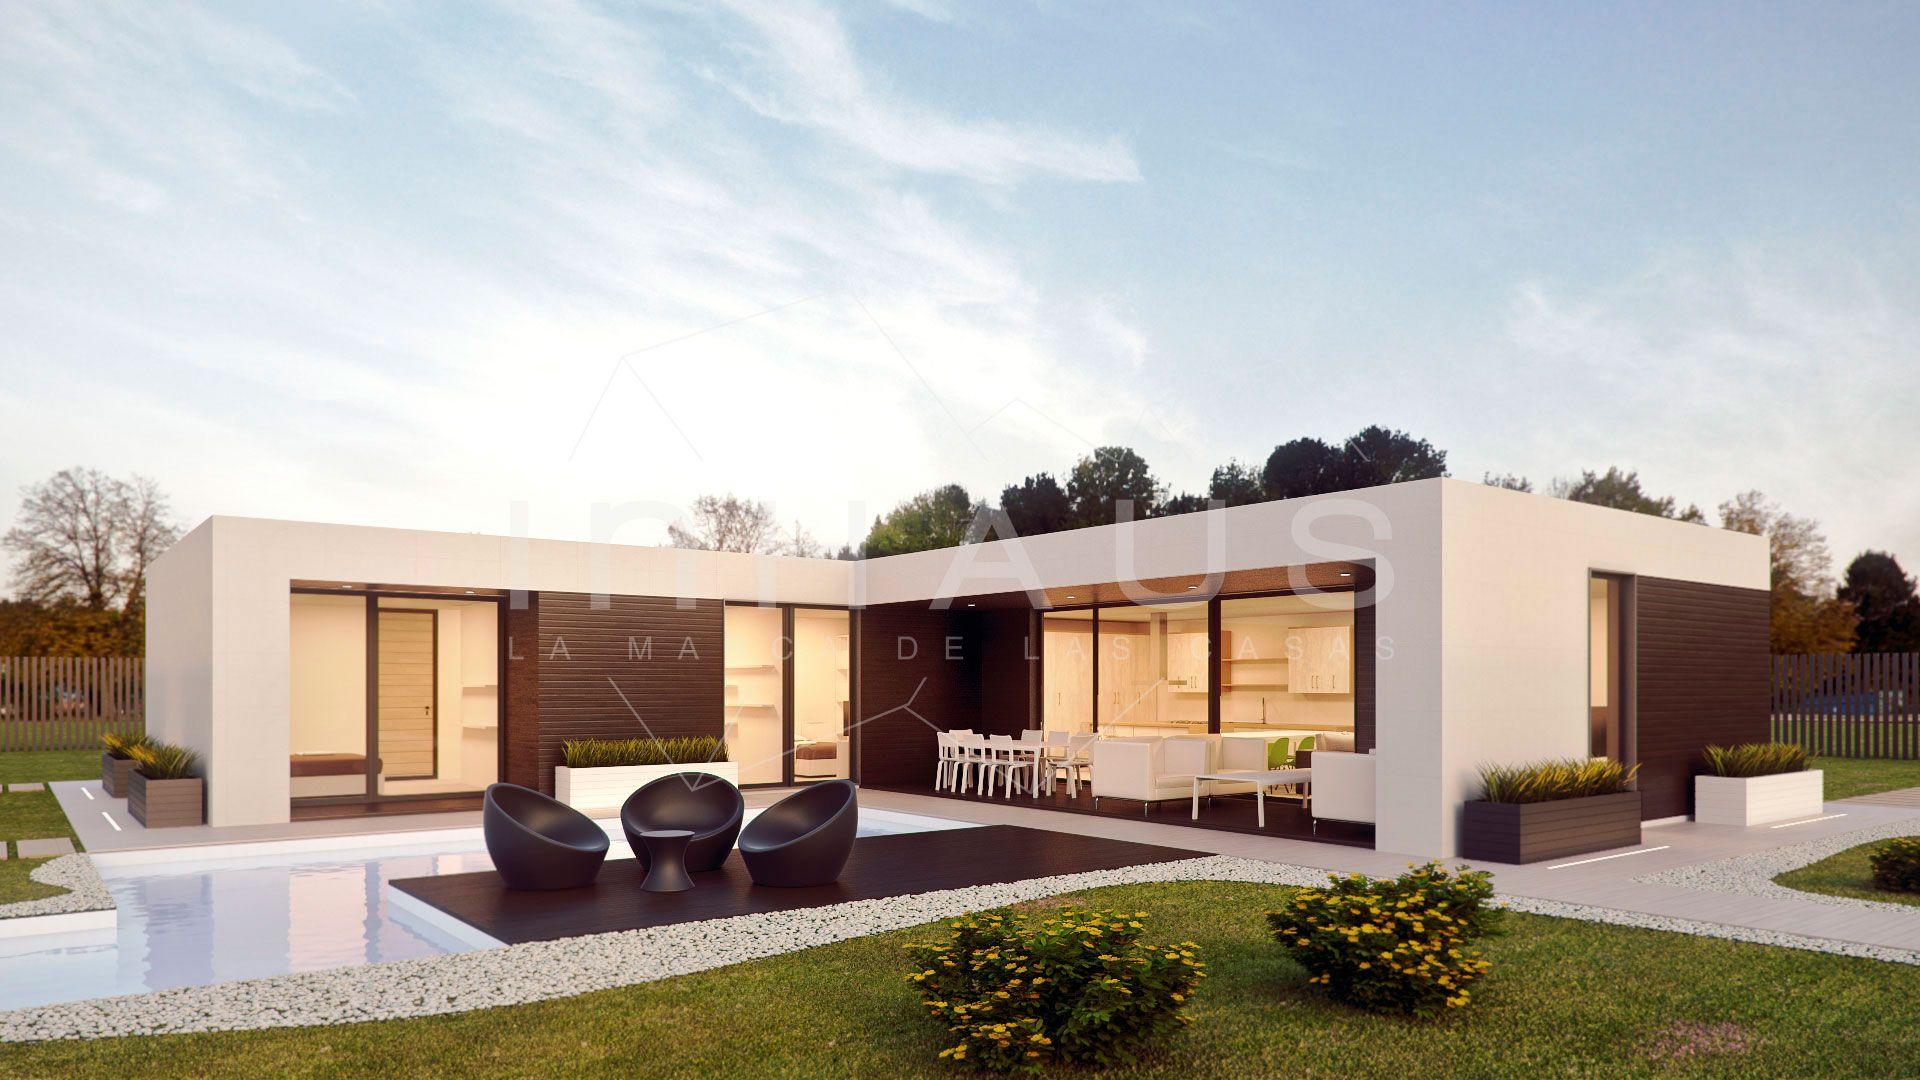 Casas prefabricadas minimalistas inhaus modelo motril - Planos casas modulares ...